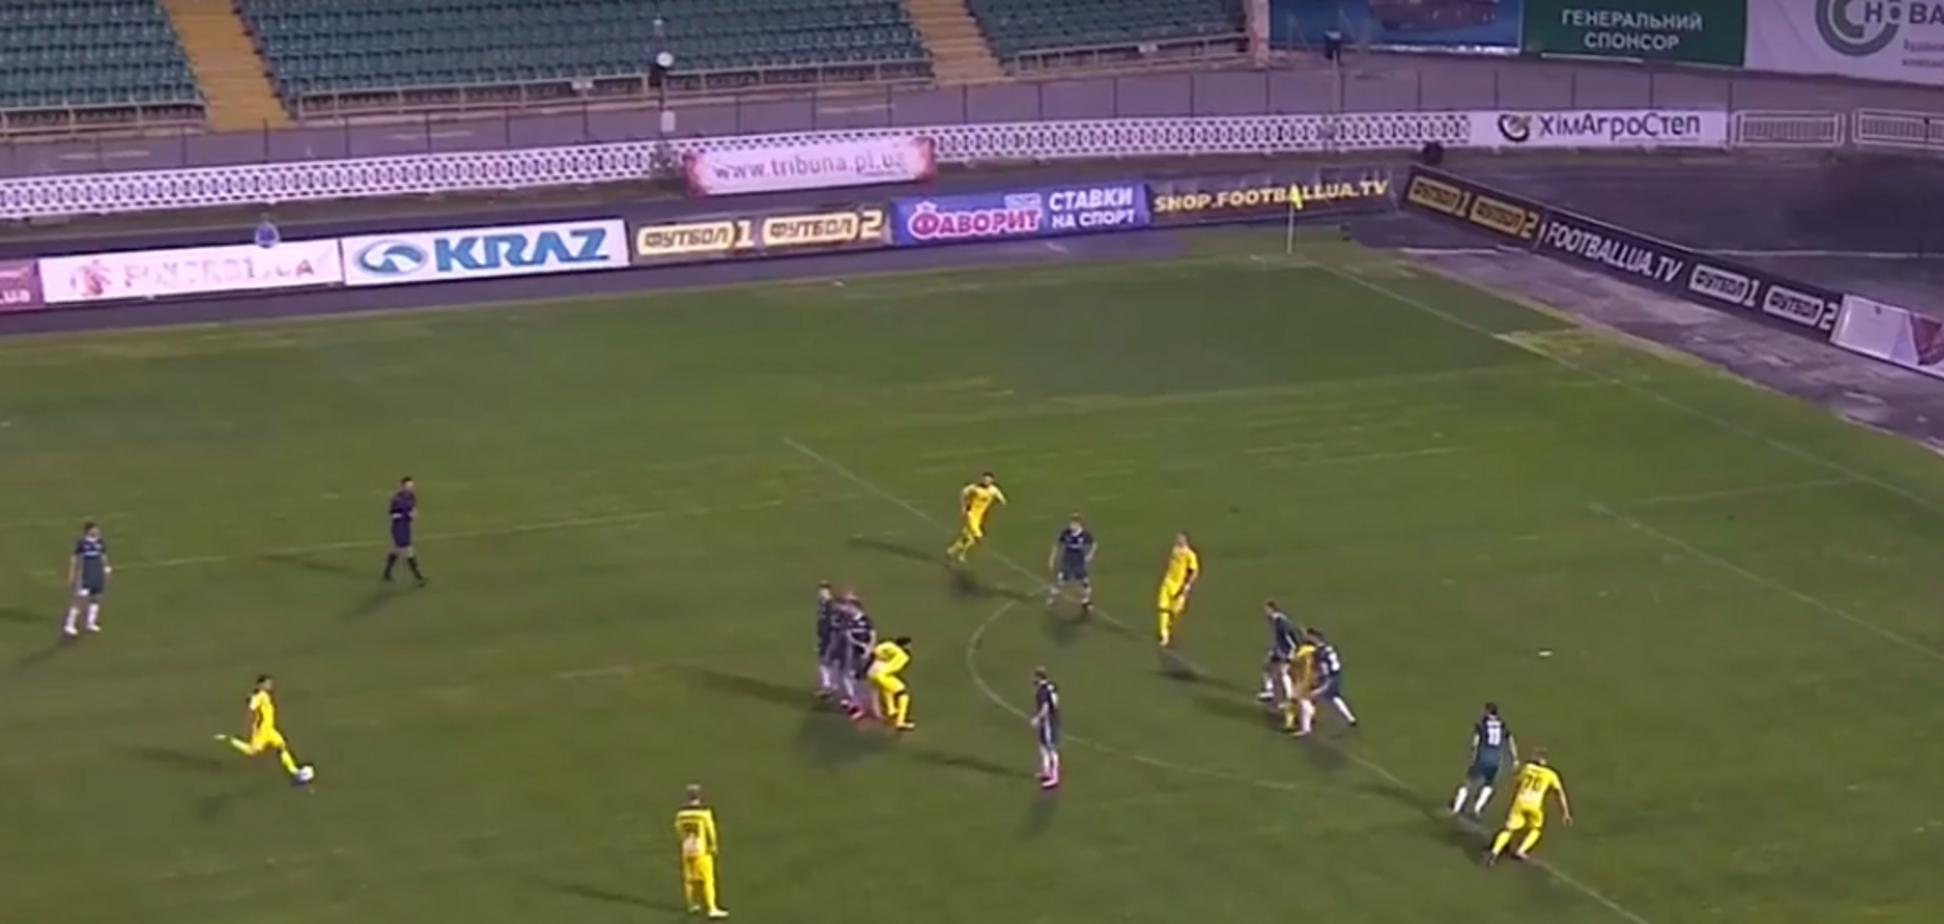 Український футболіст забив фантастичний переможний гол із 30 метрів: опубліковано відео